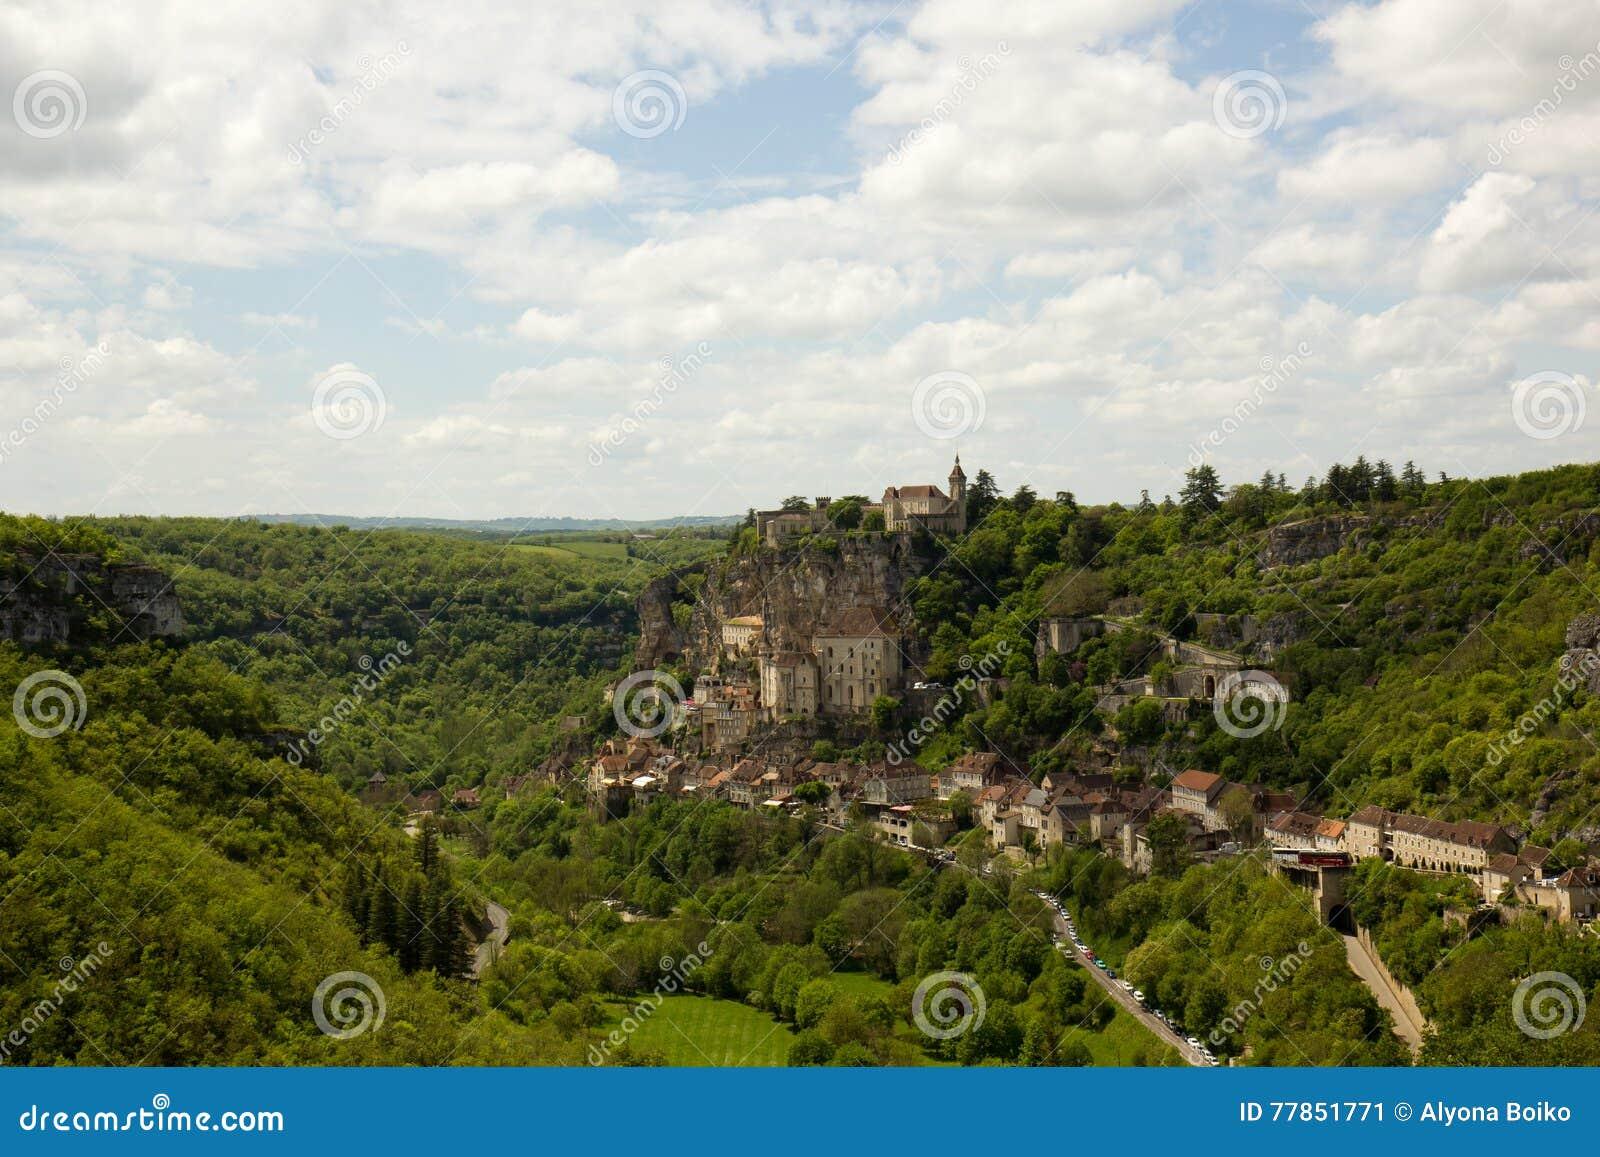 Gammal stad Rocamadour på en brant backe, Rocomadour, Frankrike